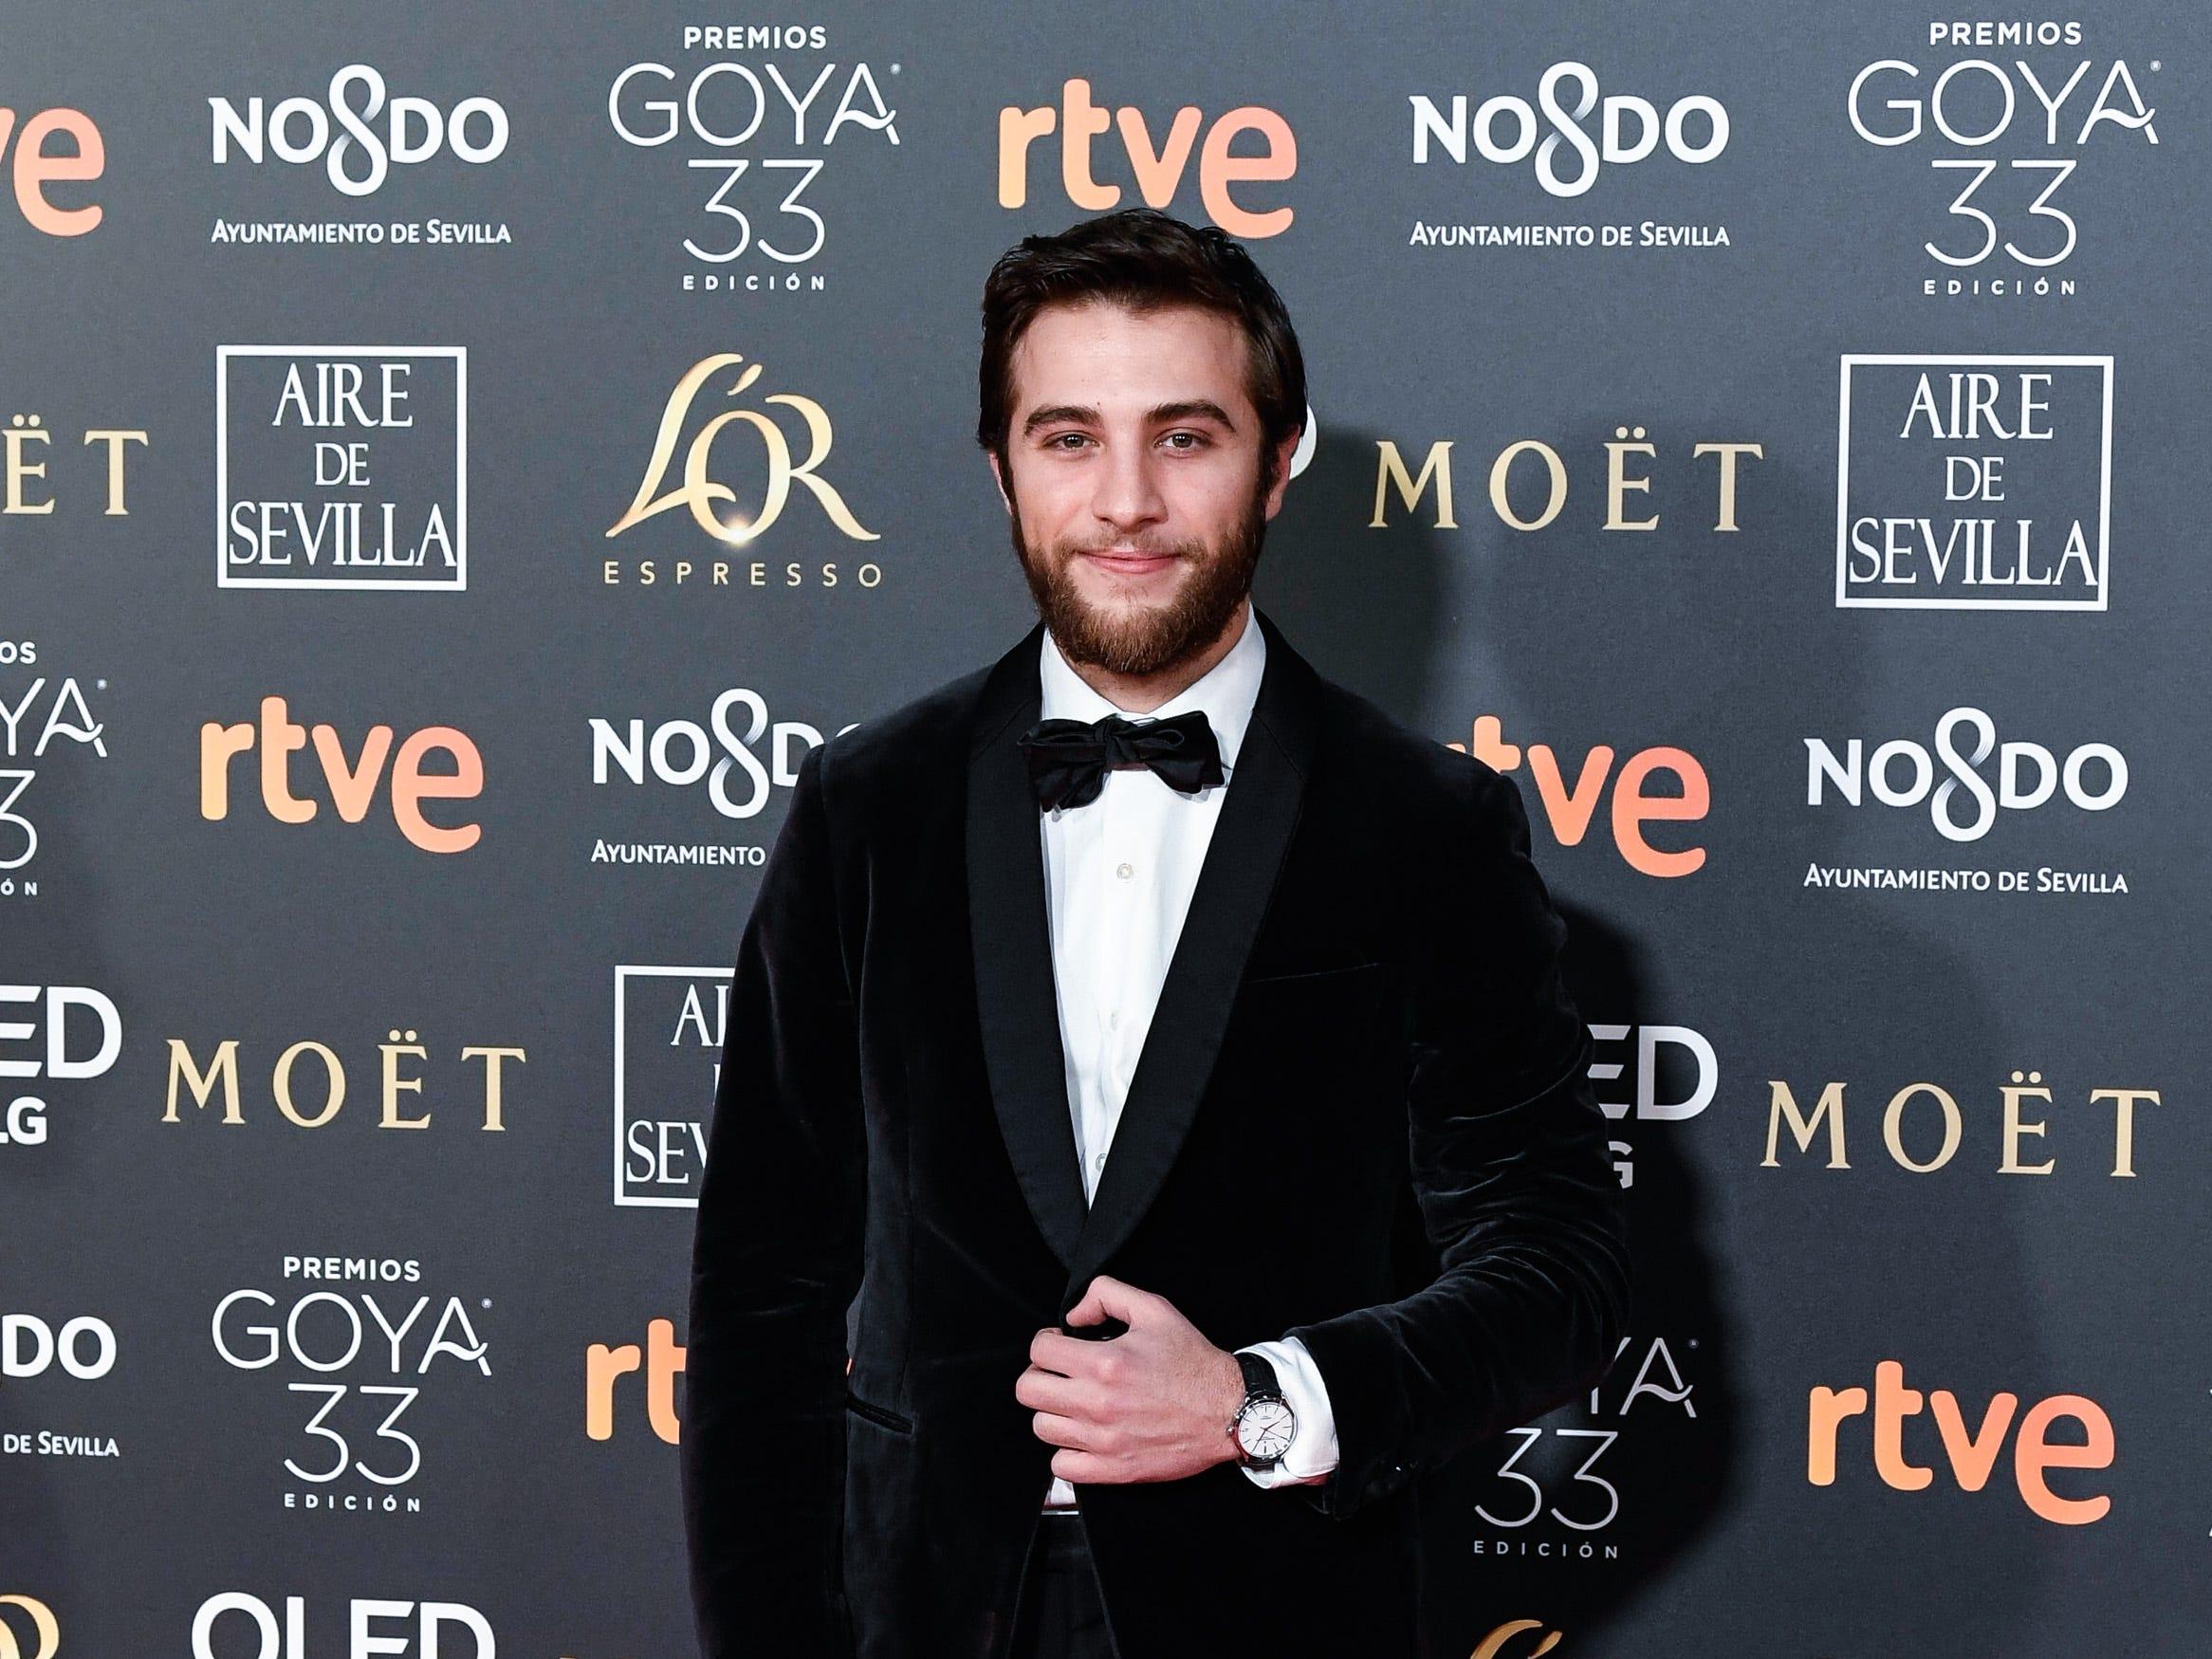 Pol Monen asiste a la 33ª edición de los Premios de Cine Goya en el Palacio de Congresos y Exposiciones FIBES el 2 de febrero de 2019 en Sevilla, España.